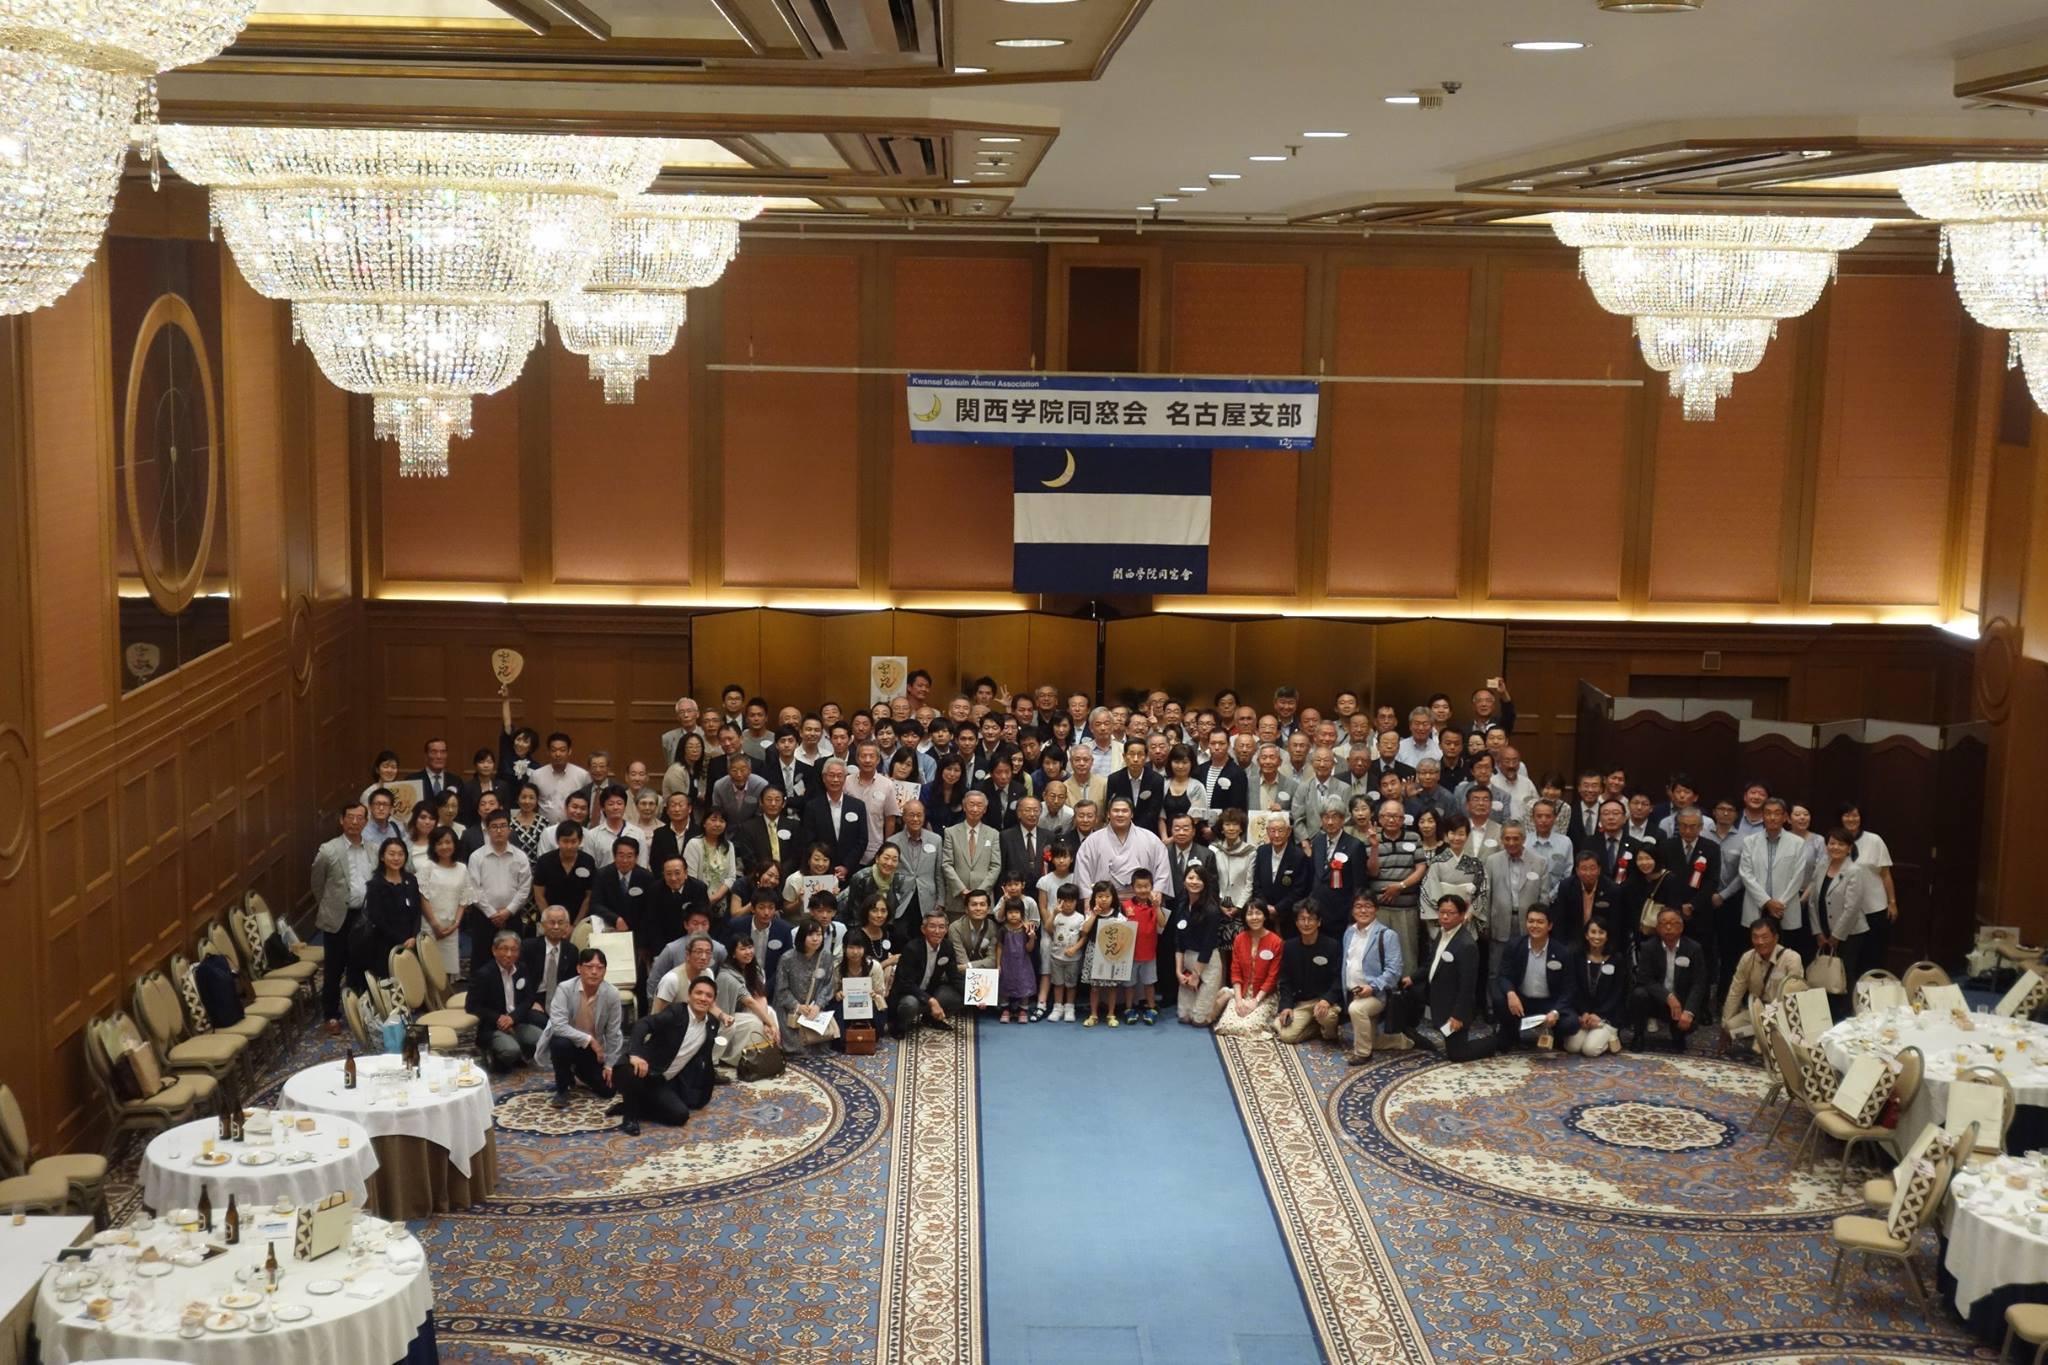 『【盛会】2017年度名古屋支部総会@名古屋観光ホテル』